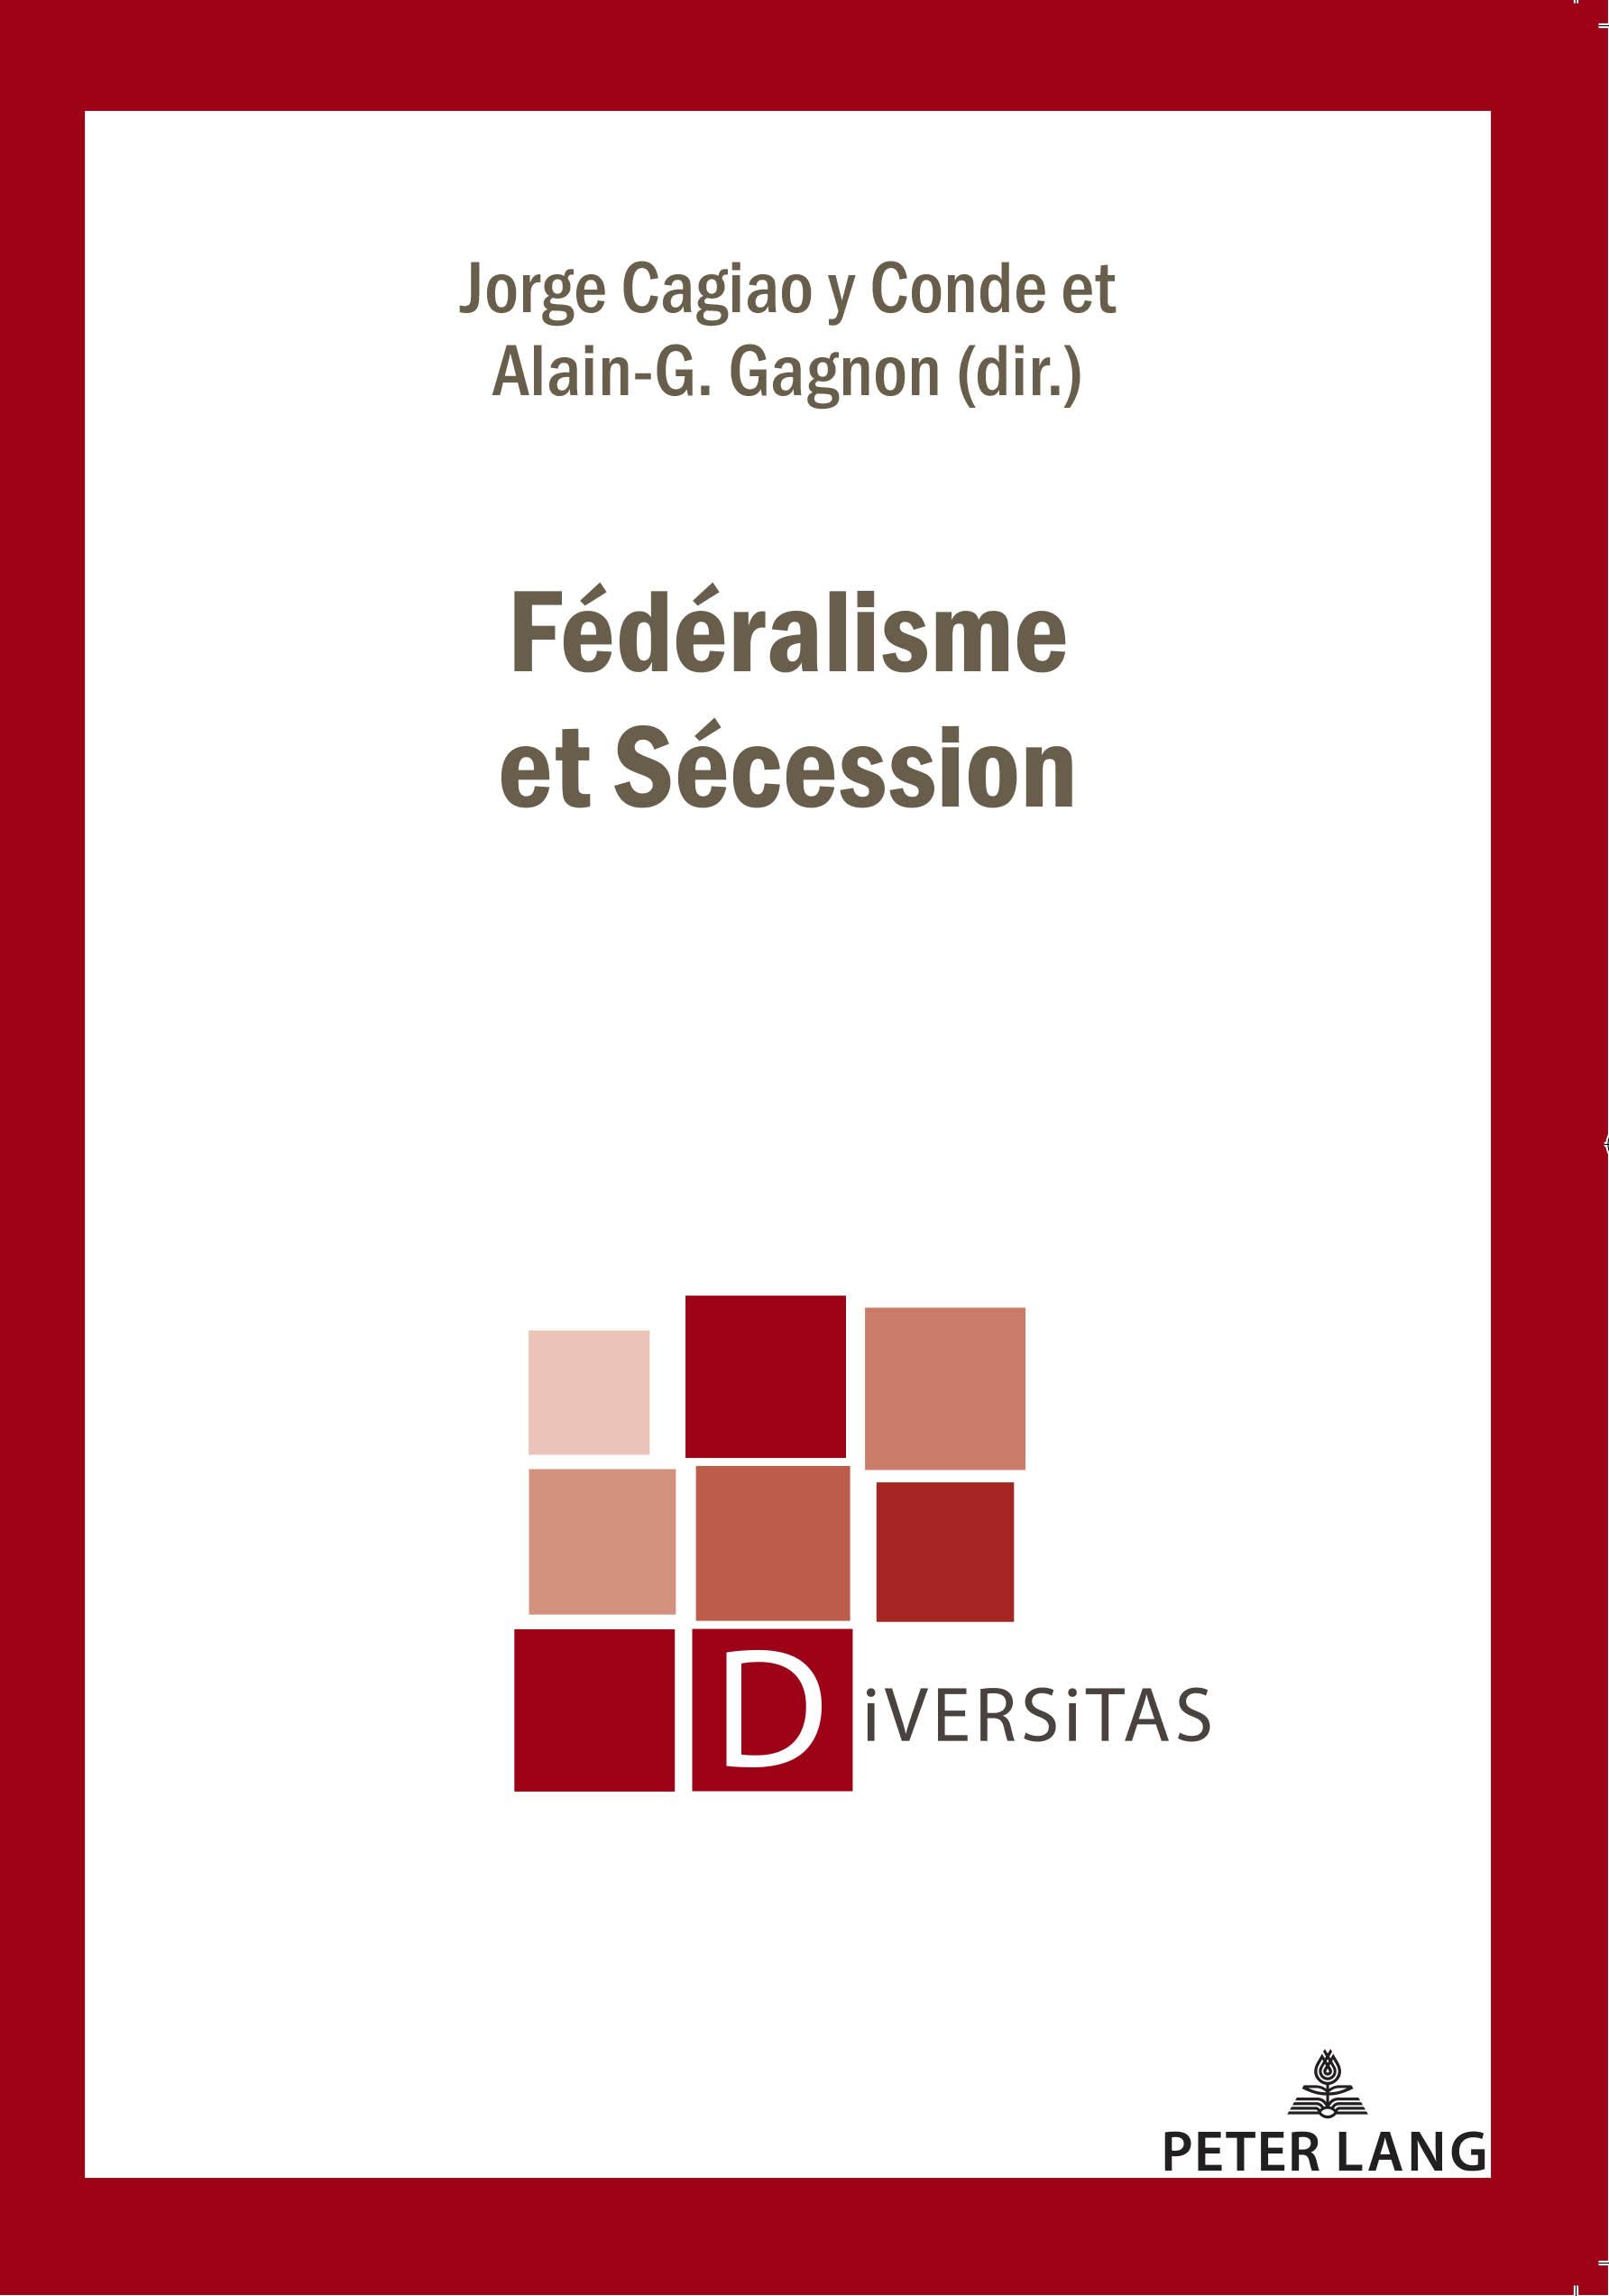 Fédéralisme et sécession